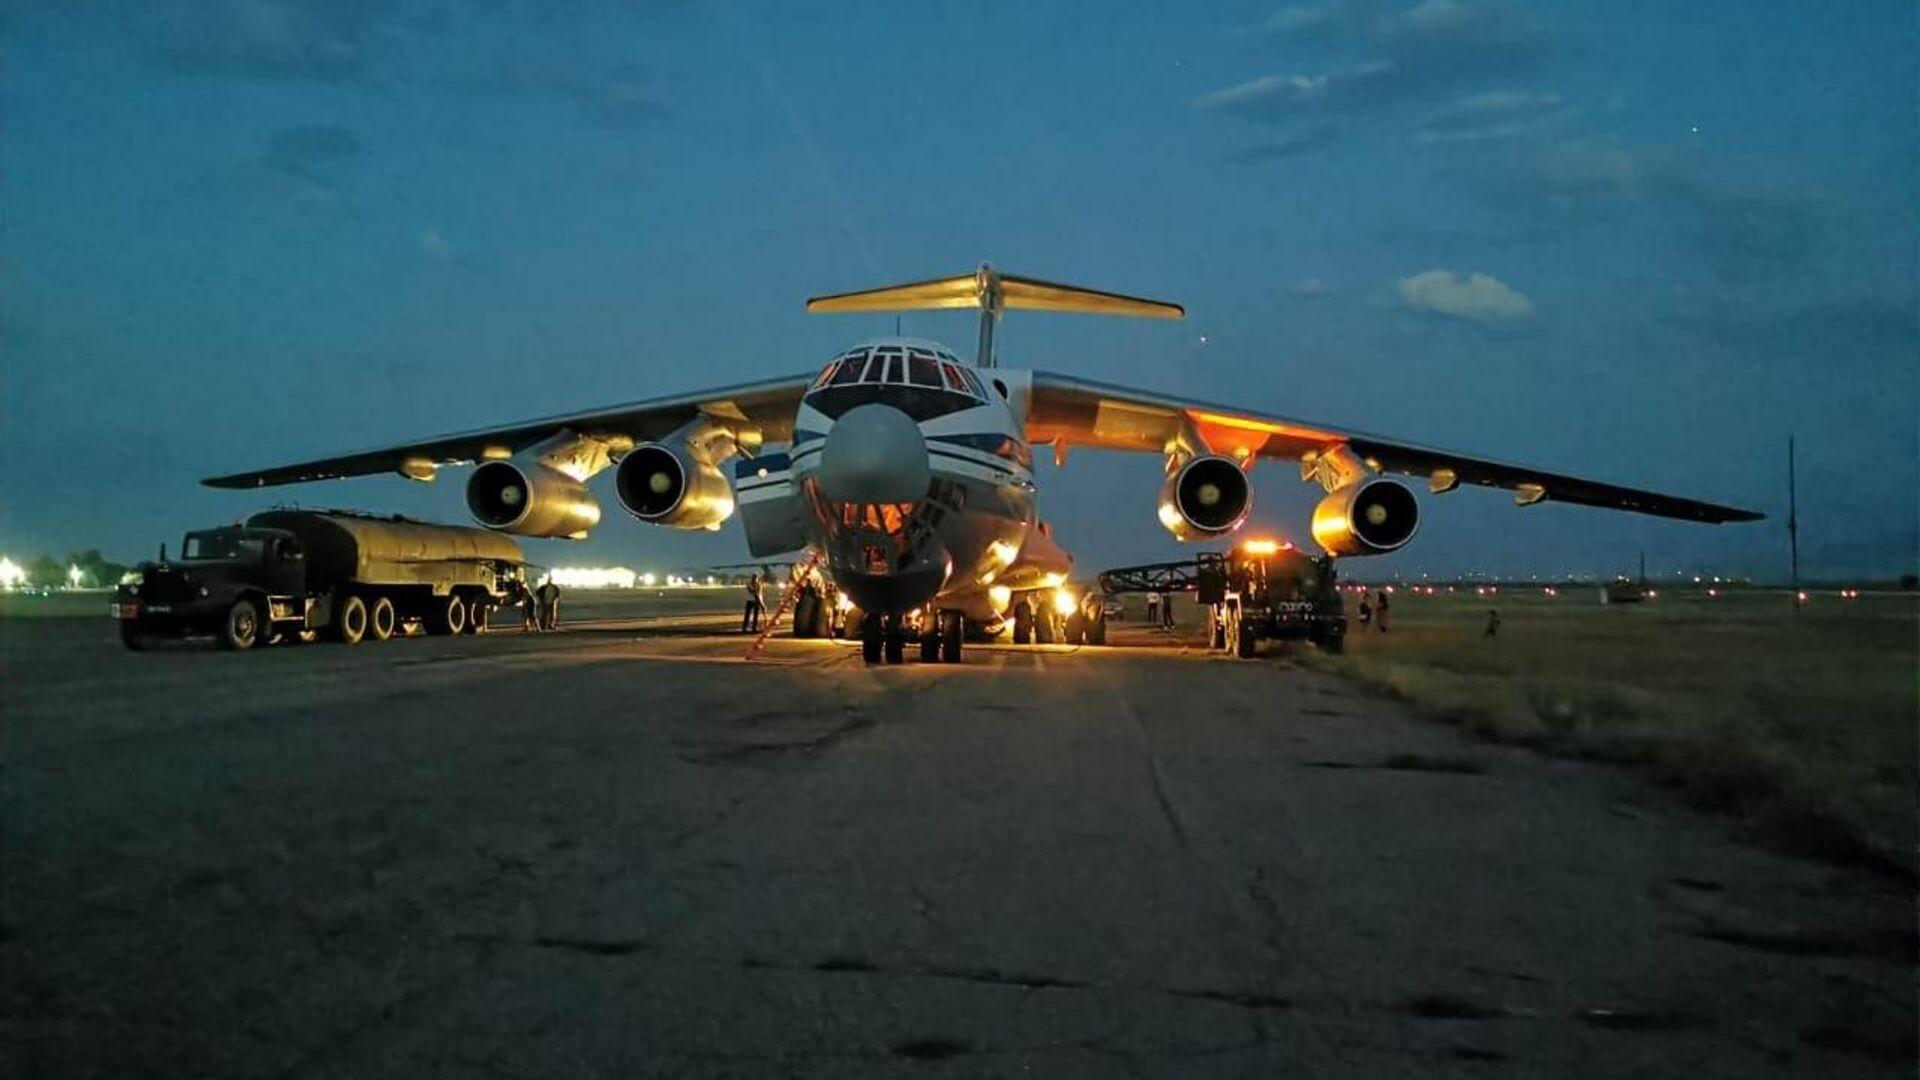 Грузовой самолет Ил-76МД во время эвакуации граждан РФ из Афганистана. - Sputnik Узбекистан, 1920, 30.08.2021